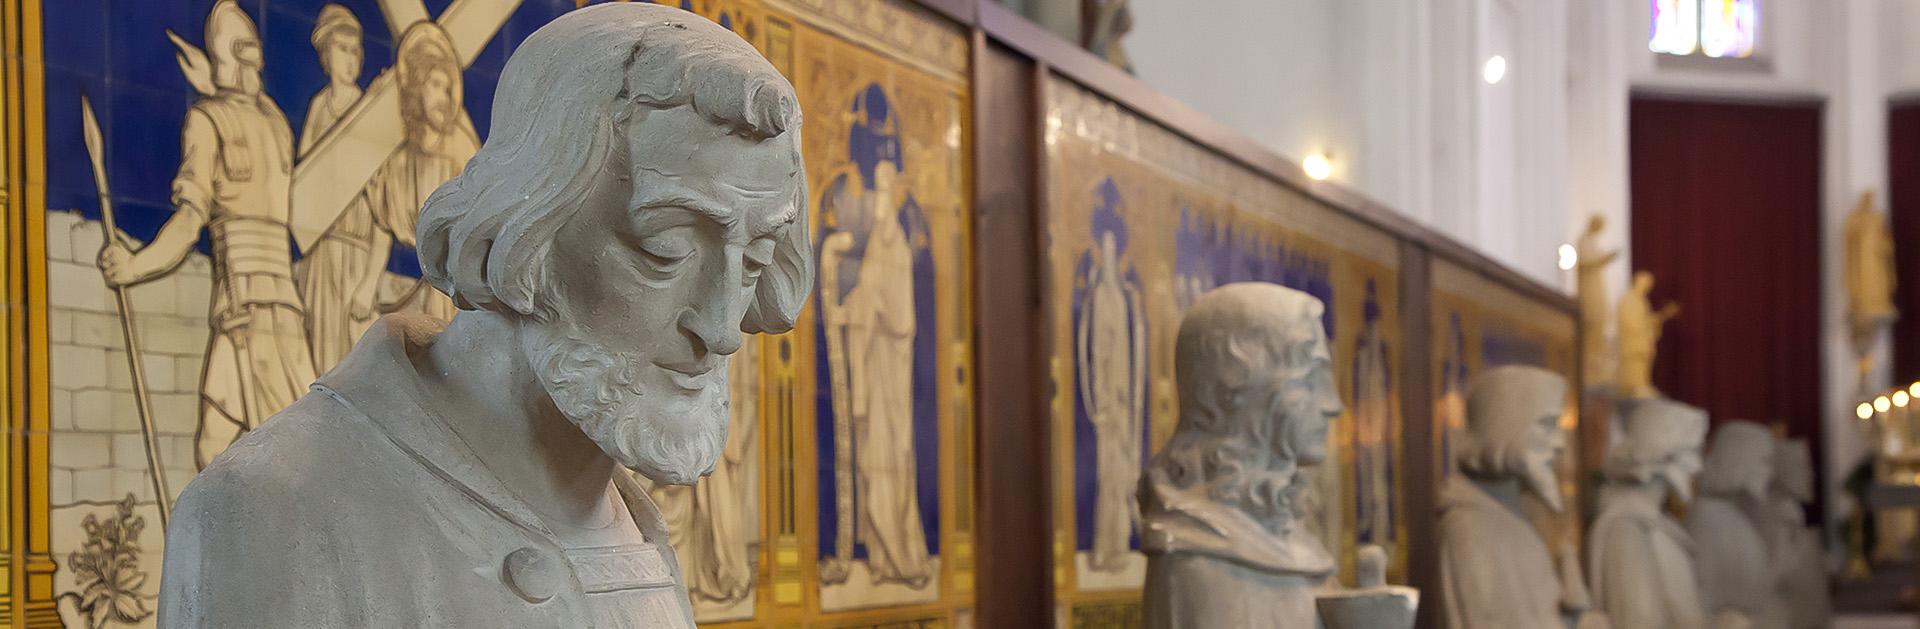 Heiligenbeeldenmuseum - Vorden Regio Achterhoek - Liemers